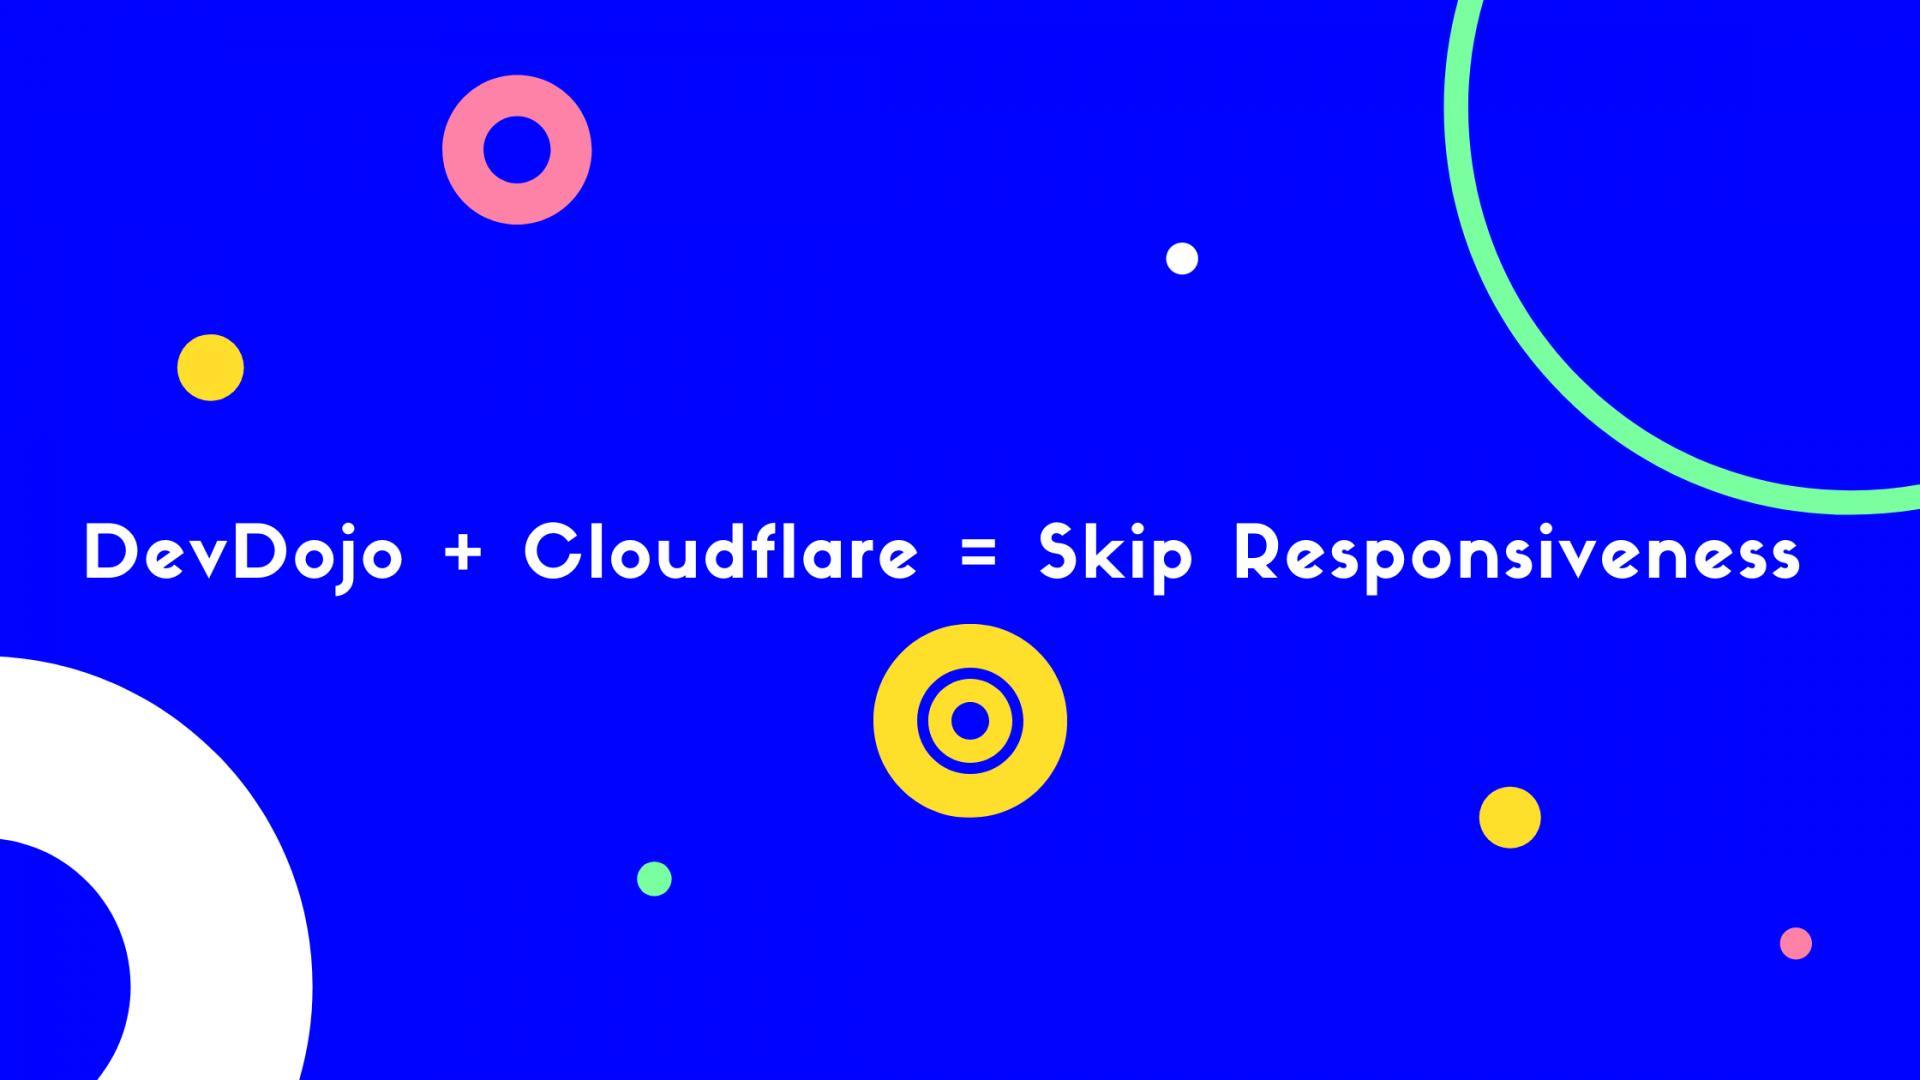 DevDojo + Cloudflare = Skip Responsiveness